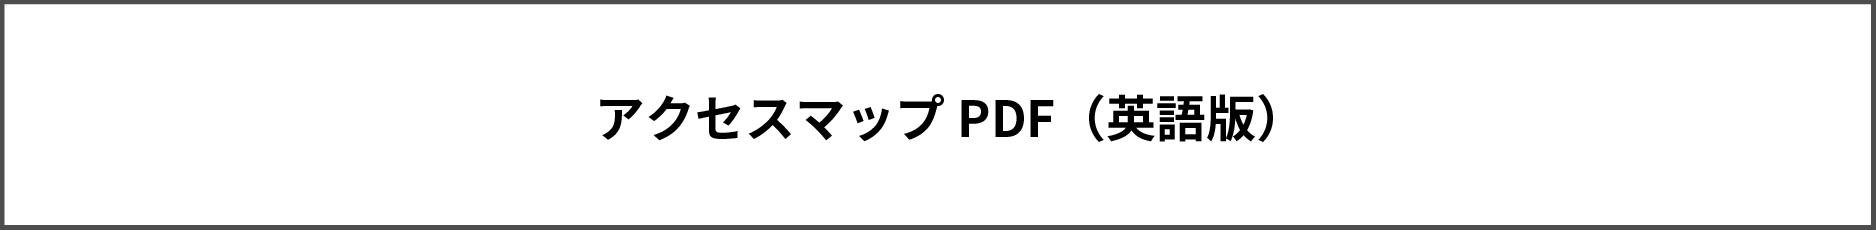 アクセスマップ-英語